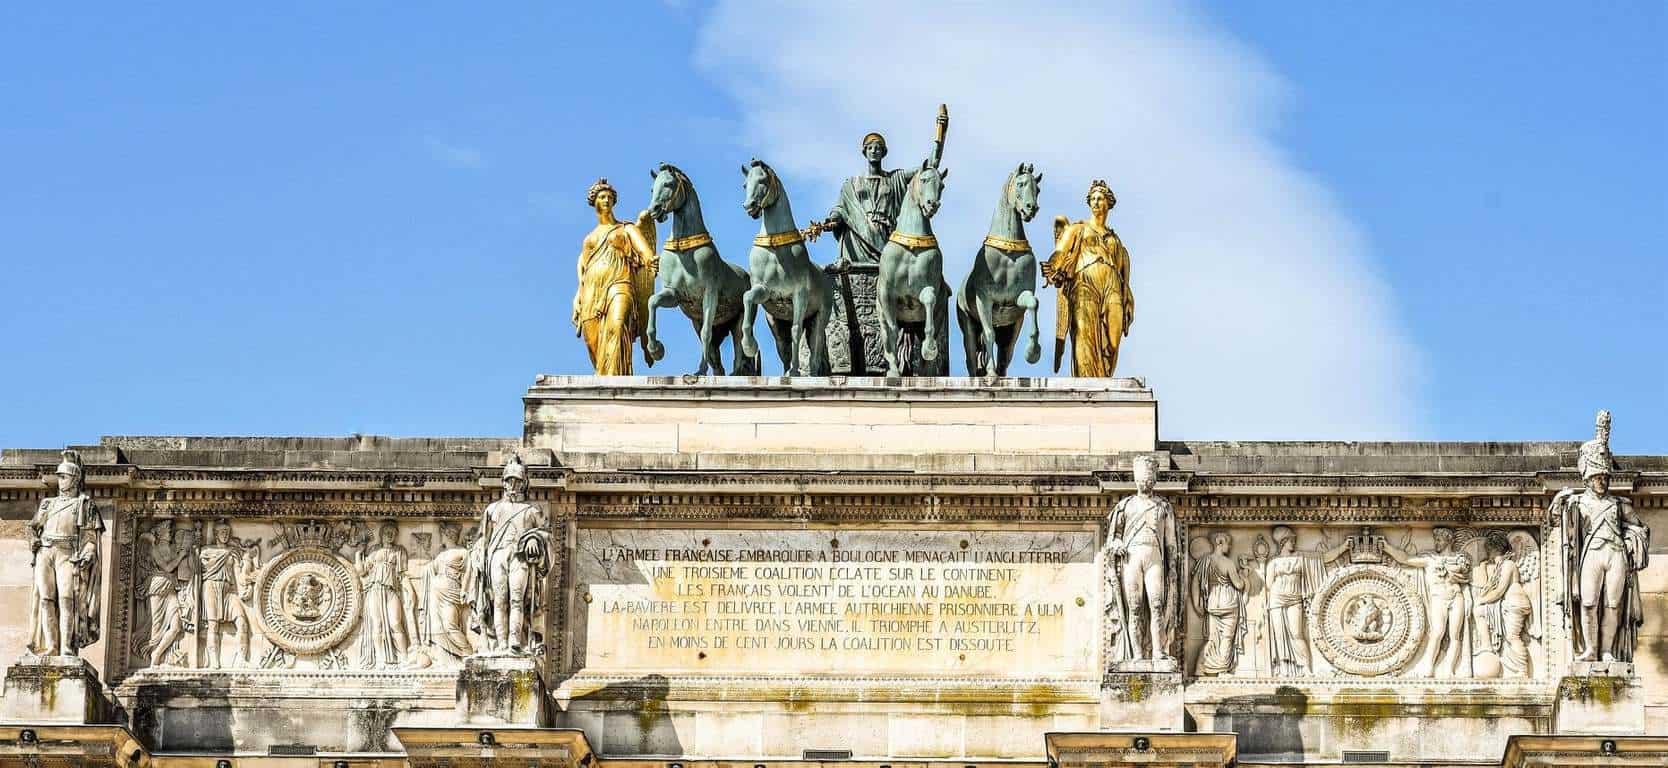 הסוסים על גבי שער הניצחון של הקרוסל. צילם: יואל תמנליס.